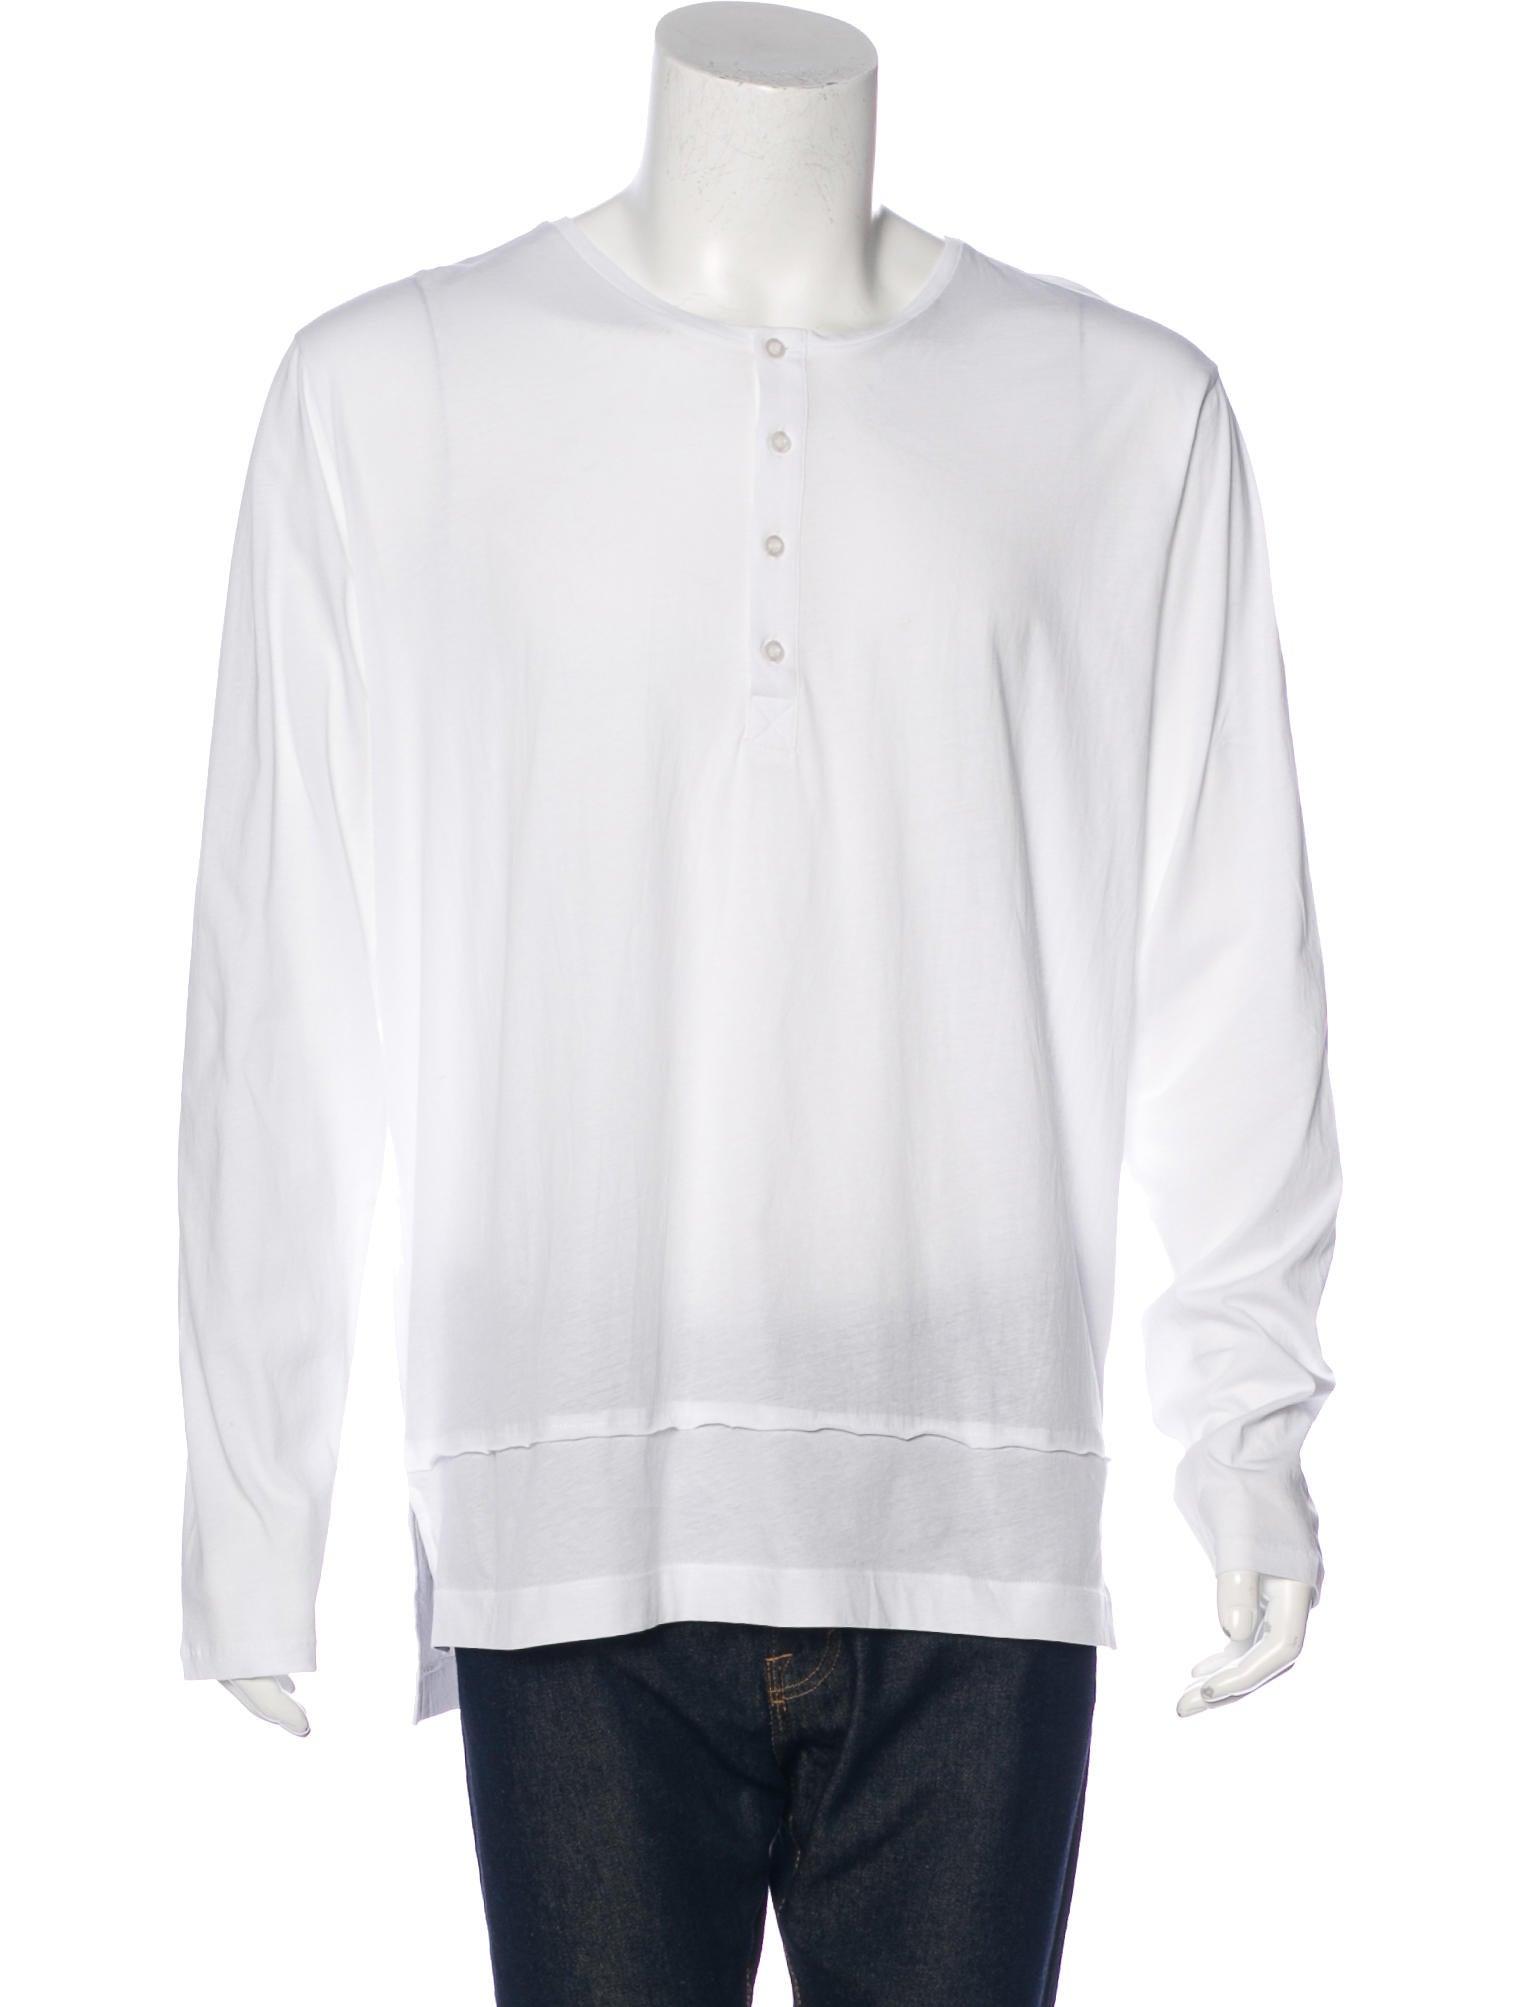 Dries van noten long sleeve henley t shirt clothing for Henley t shirt long sleeve